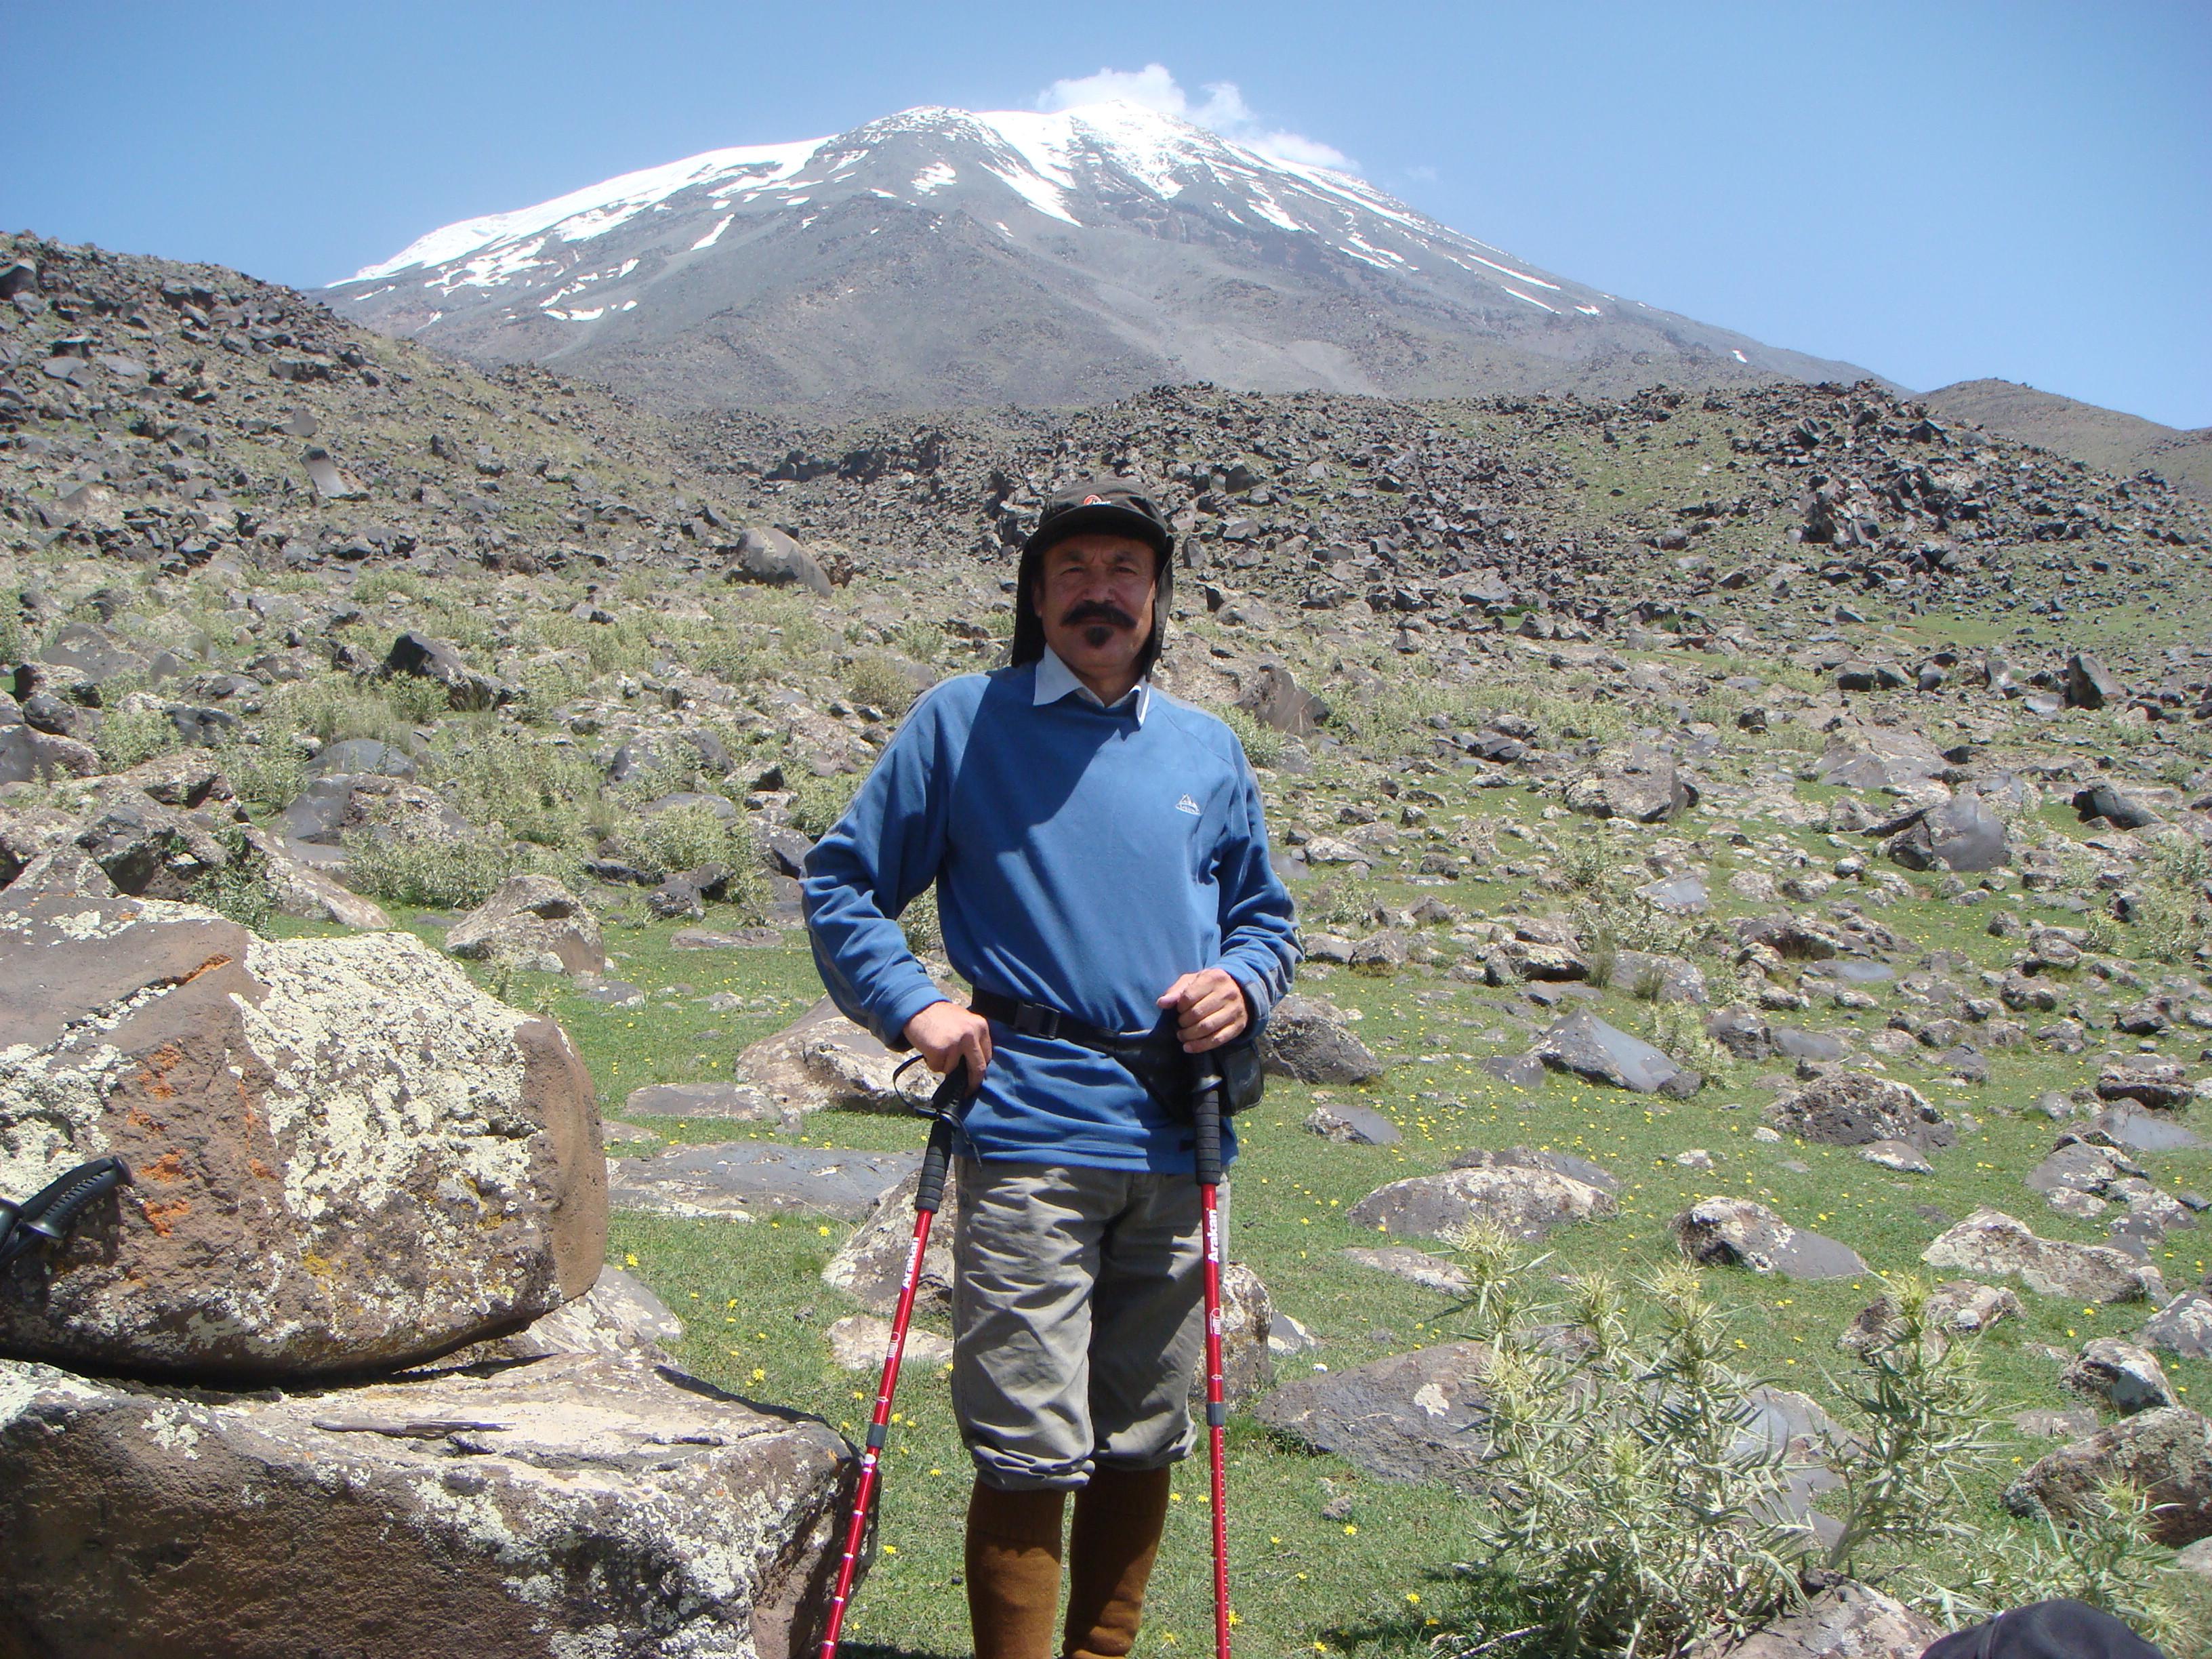 """مصاحبه با """"محمدرضا جنت مکان""""، پیشکسوت و رئیس هیئت کوهنوردی خمام"""